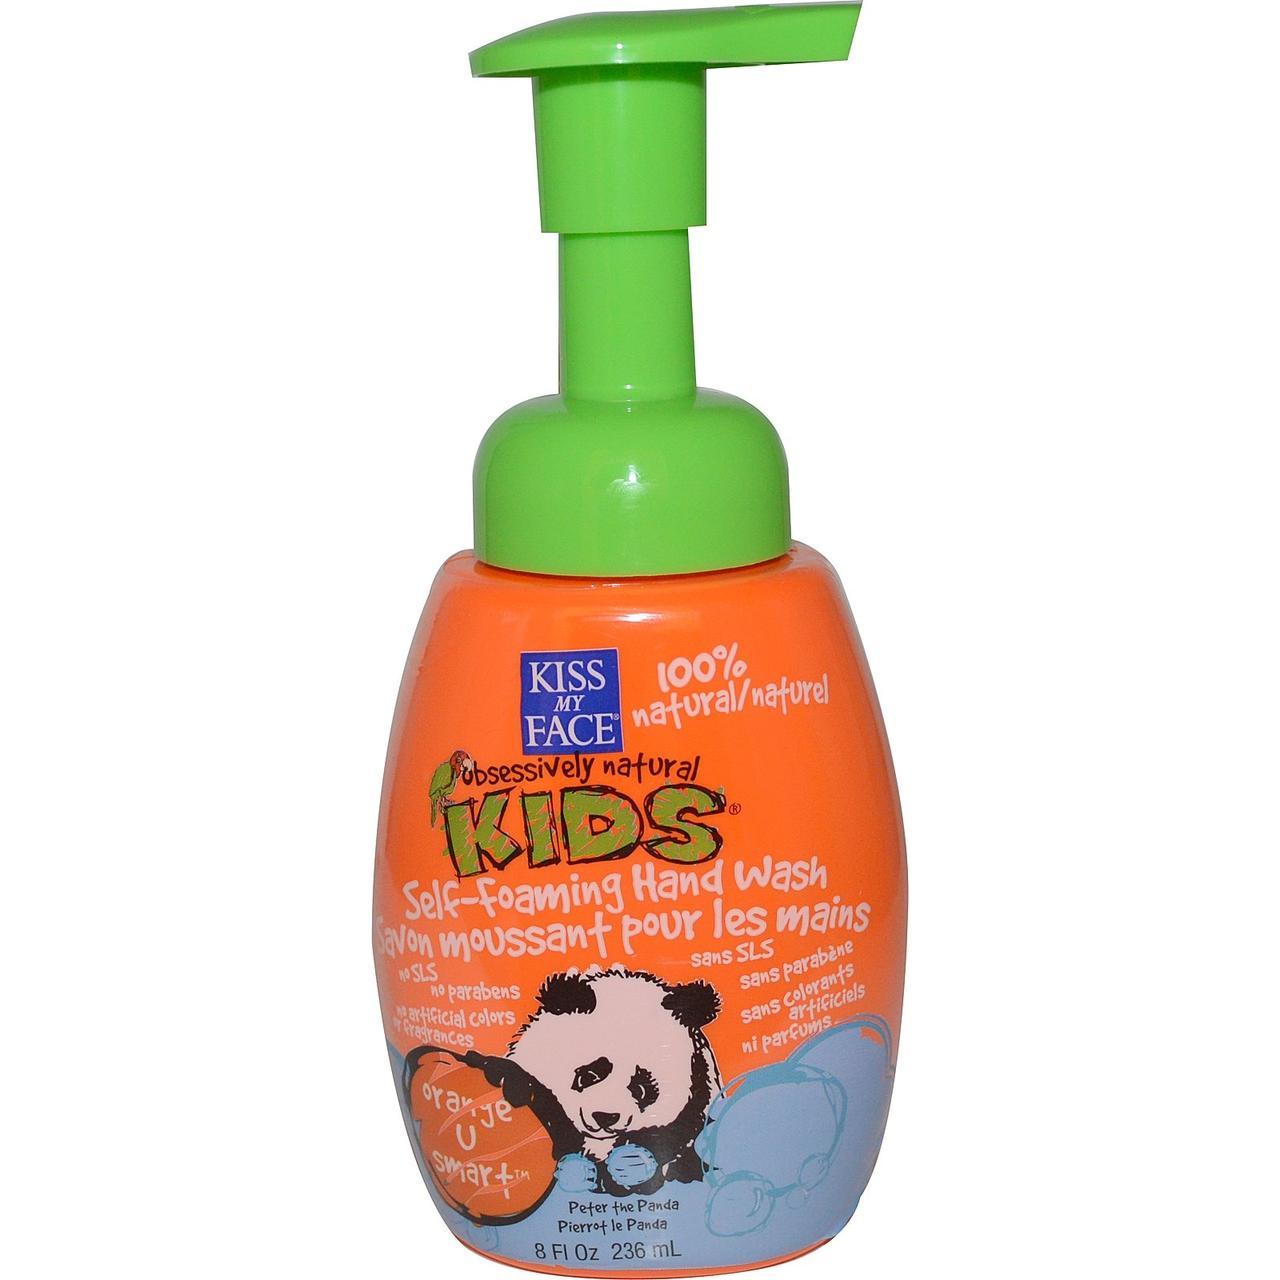 Kiss My Face, Страстно натуральные дети, пенящееся средство для мытья рук, апельсиновое средство для умниц, 8 жидких унций (236 мл) - Интернет-магазин для здоровой жизни в Киеве